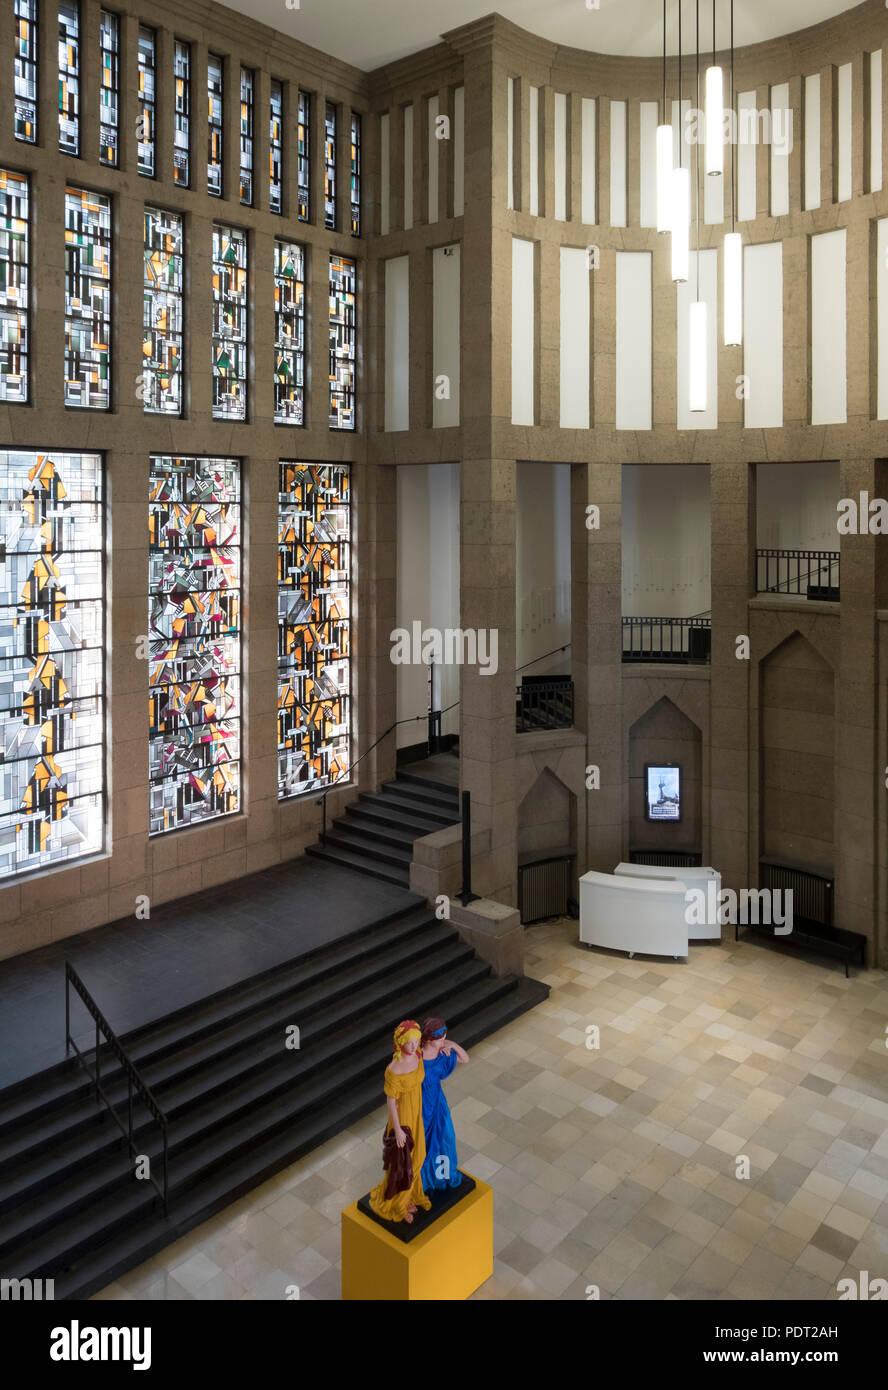 Zentrale Eingangshalle mit Treppenaufgang und bleiverglastem Fensterbild Jan Thorn-Prikkers - Stock Image